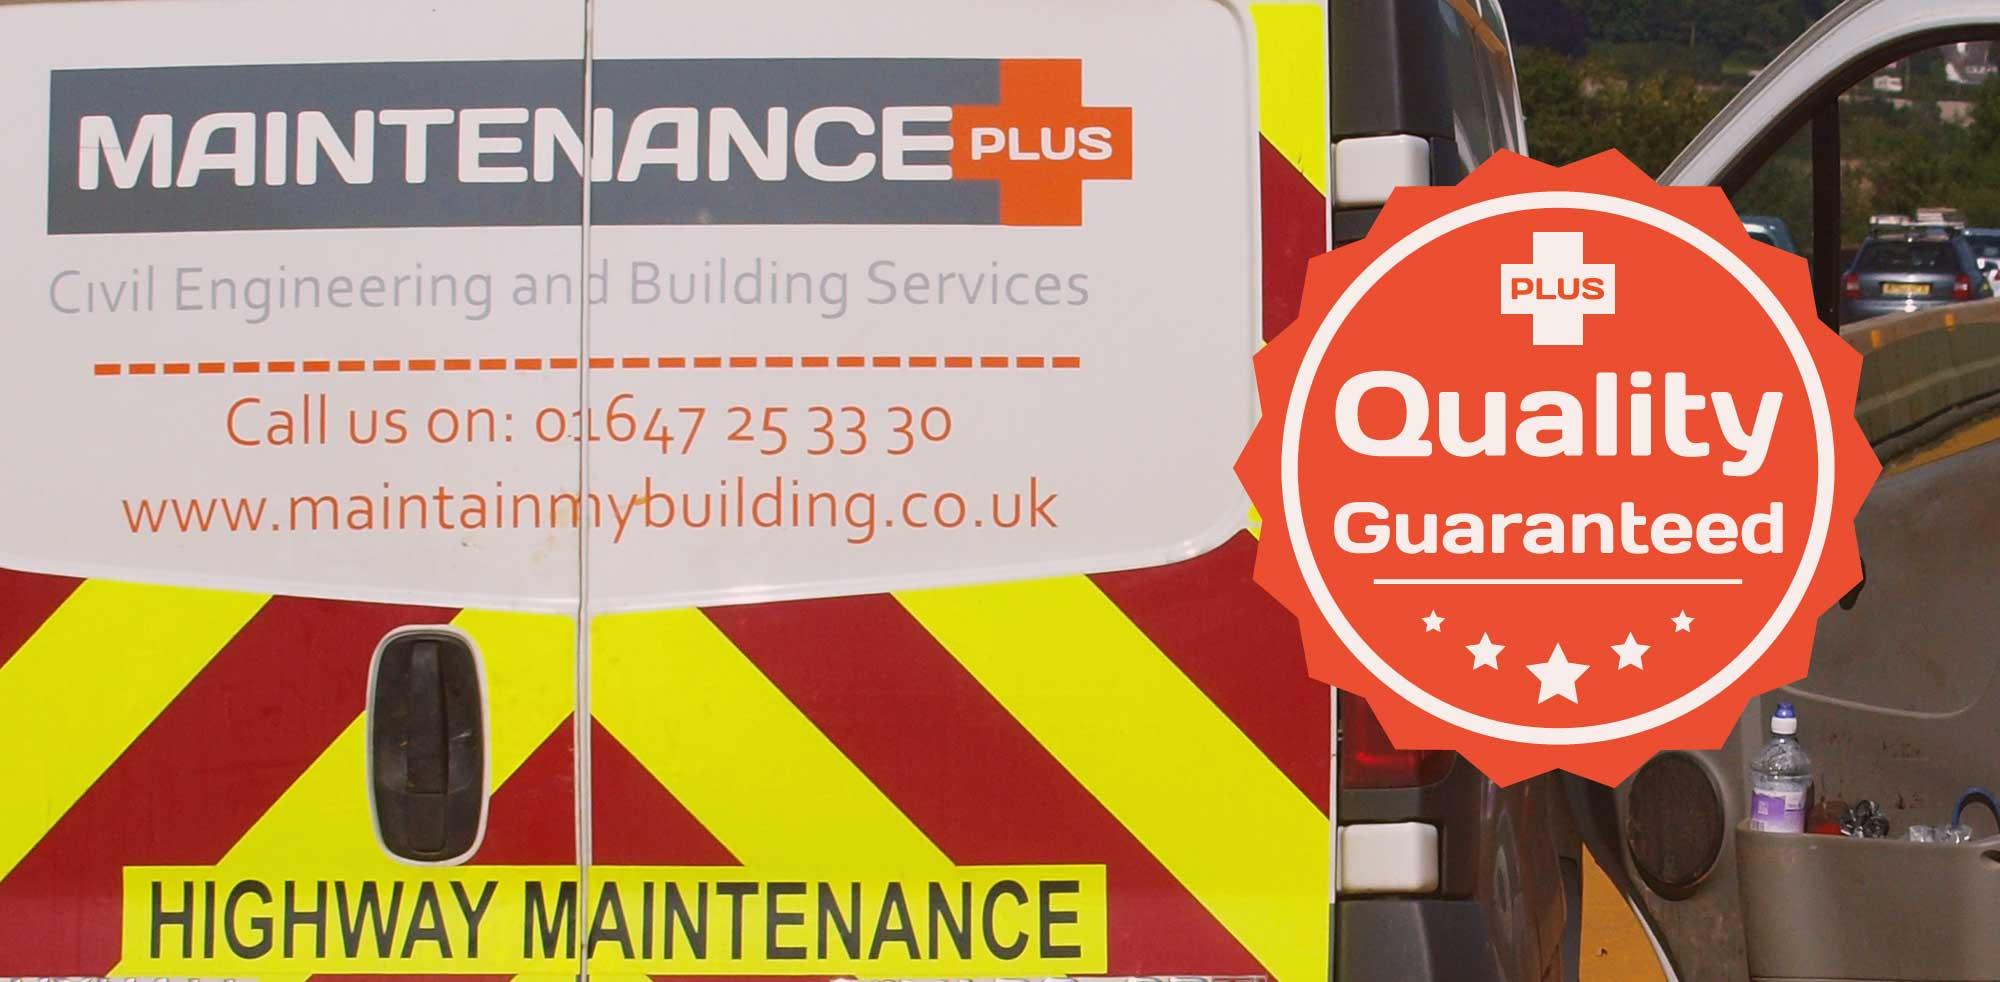 Quality Assurance By Maintenance Plus Ltd